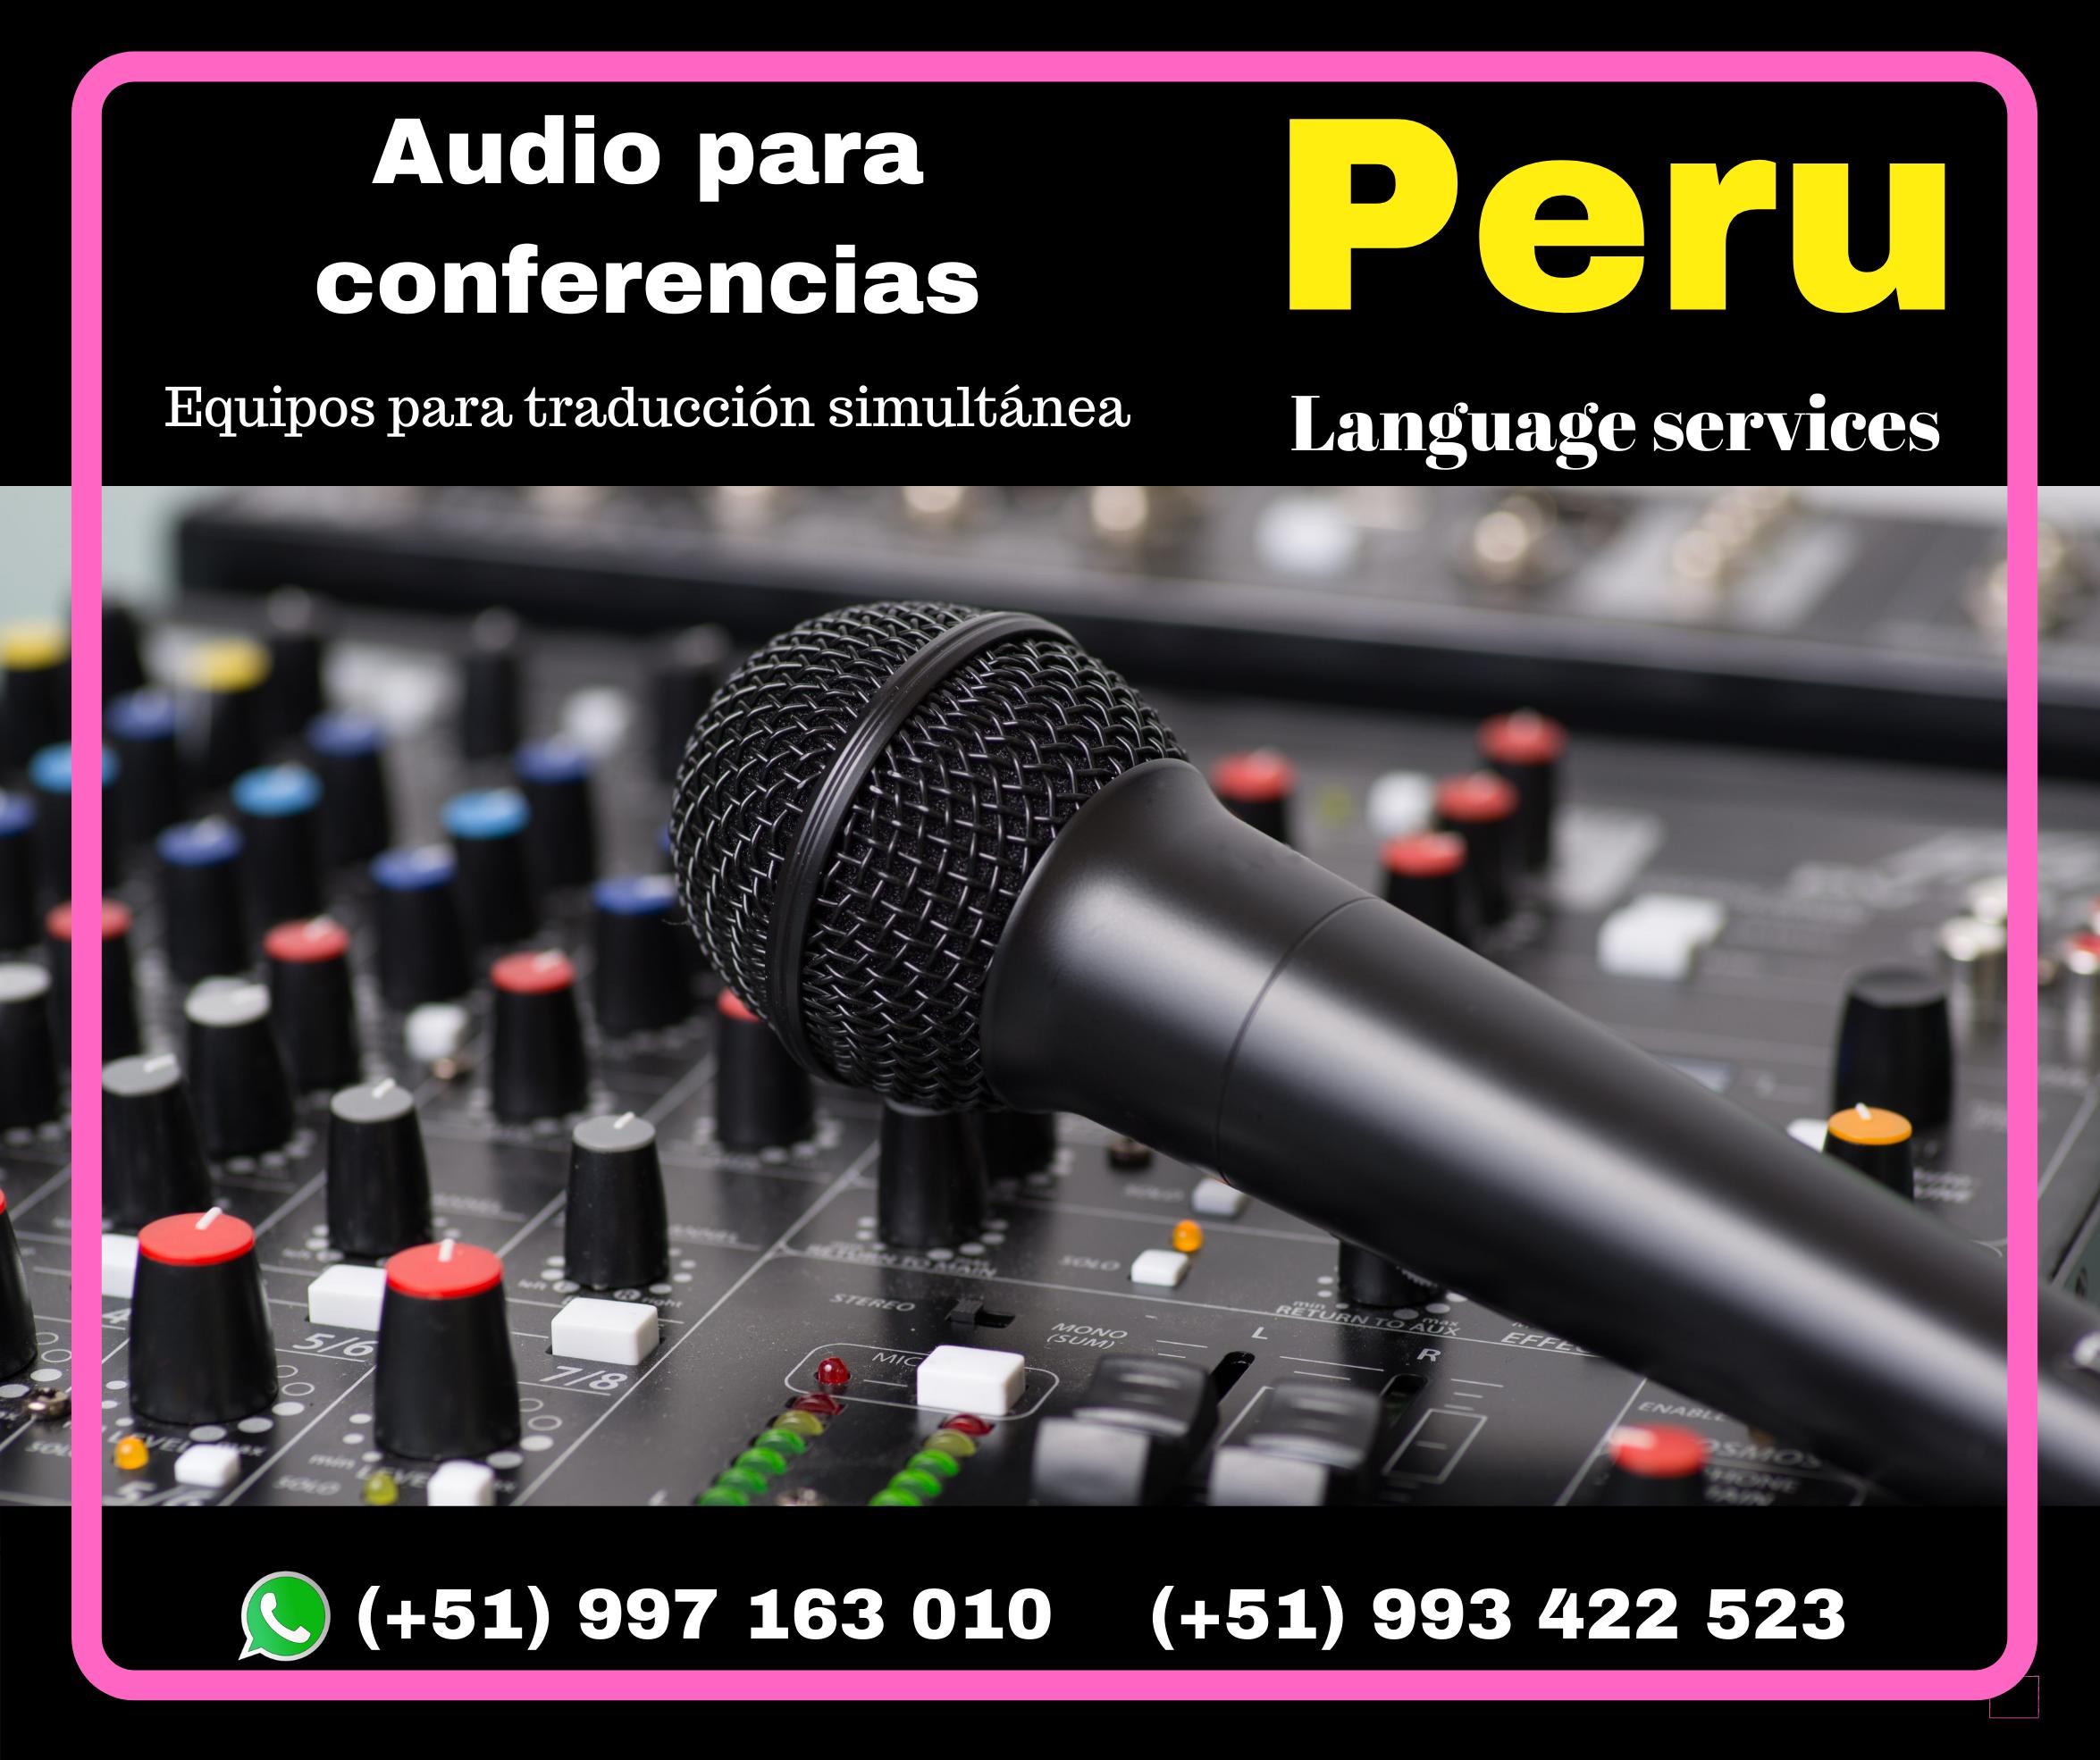 Peru language services / Peru Interpreting Services /